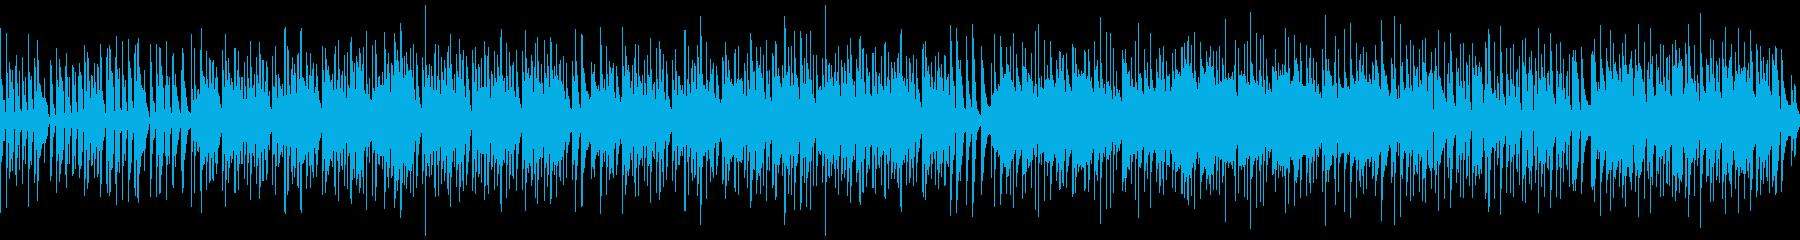 海風を感じるかわいいボサノバの再生済みの波形